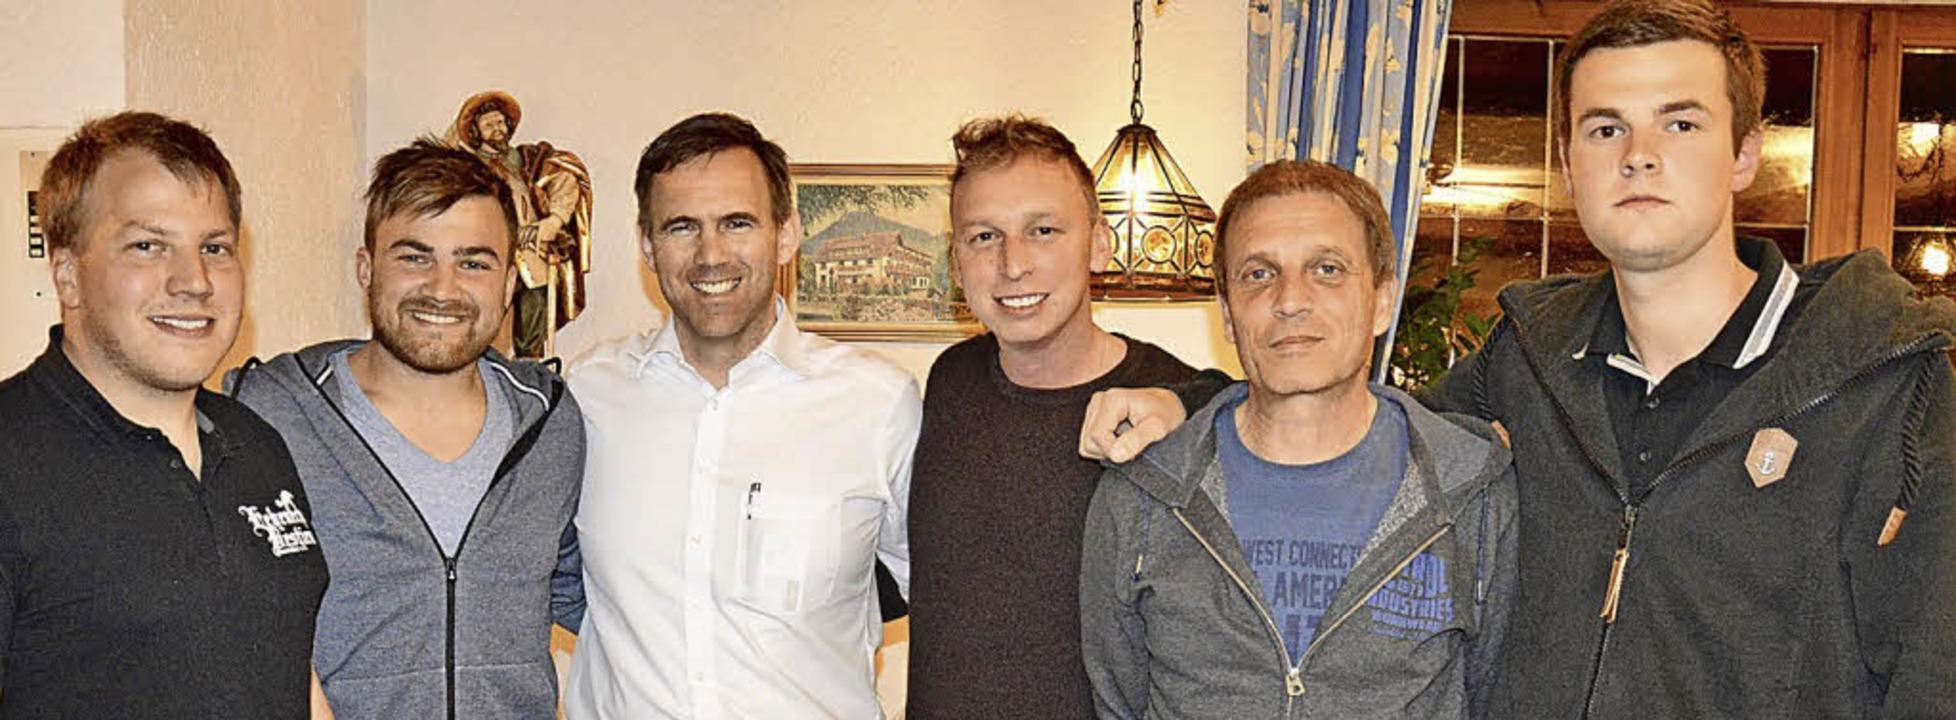 Michael Kerber, Alexander Schühle, Ale...in Heuweiler. Es fehlt André Berthold.  | Foto: Sigrid Ellenberger